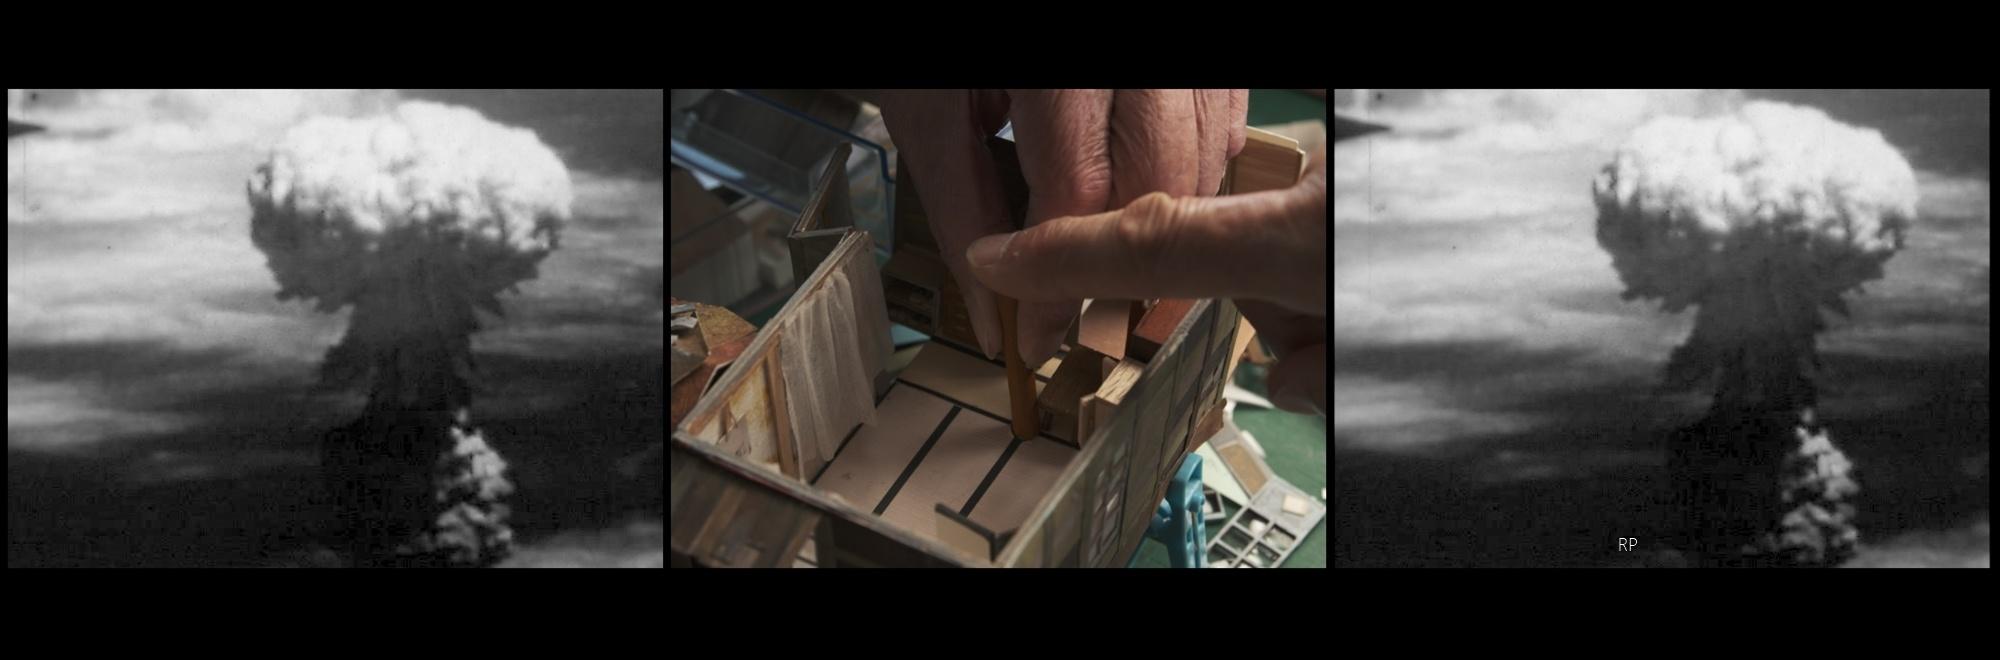 纪录片电影《恶之三联画》不停撕扯出人类历史中的恶来惊醒对现在和未来的思考 (3)